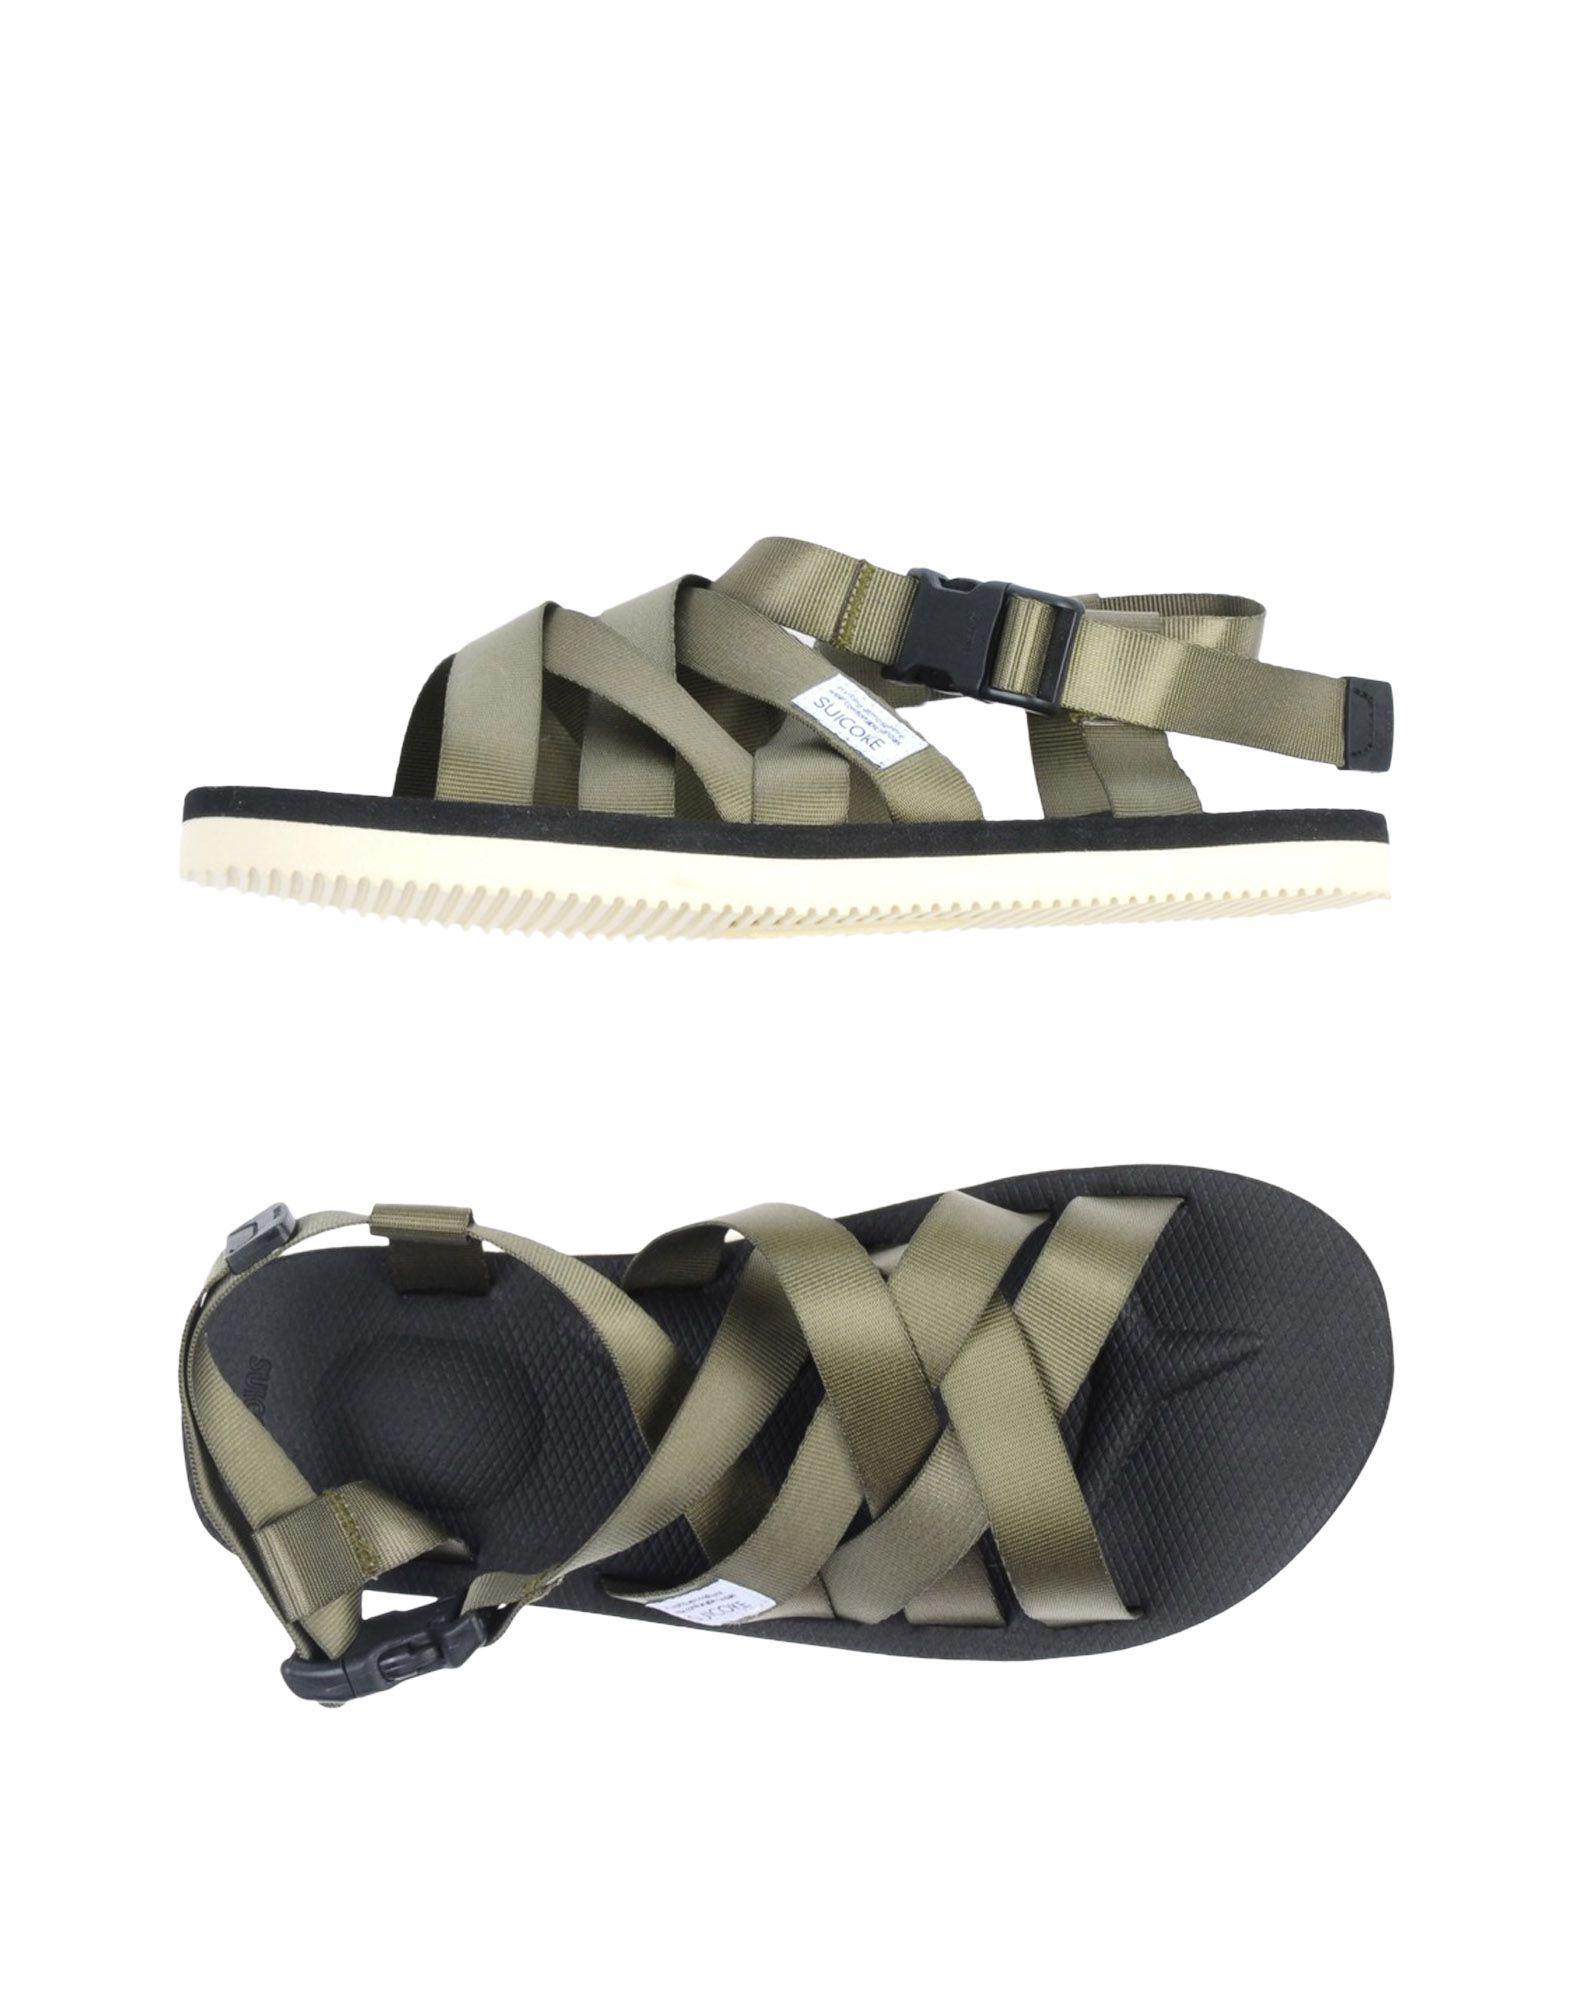 87b715c26860 Lyst - Suicoke Sandals in Green for Men